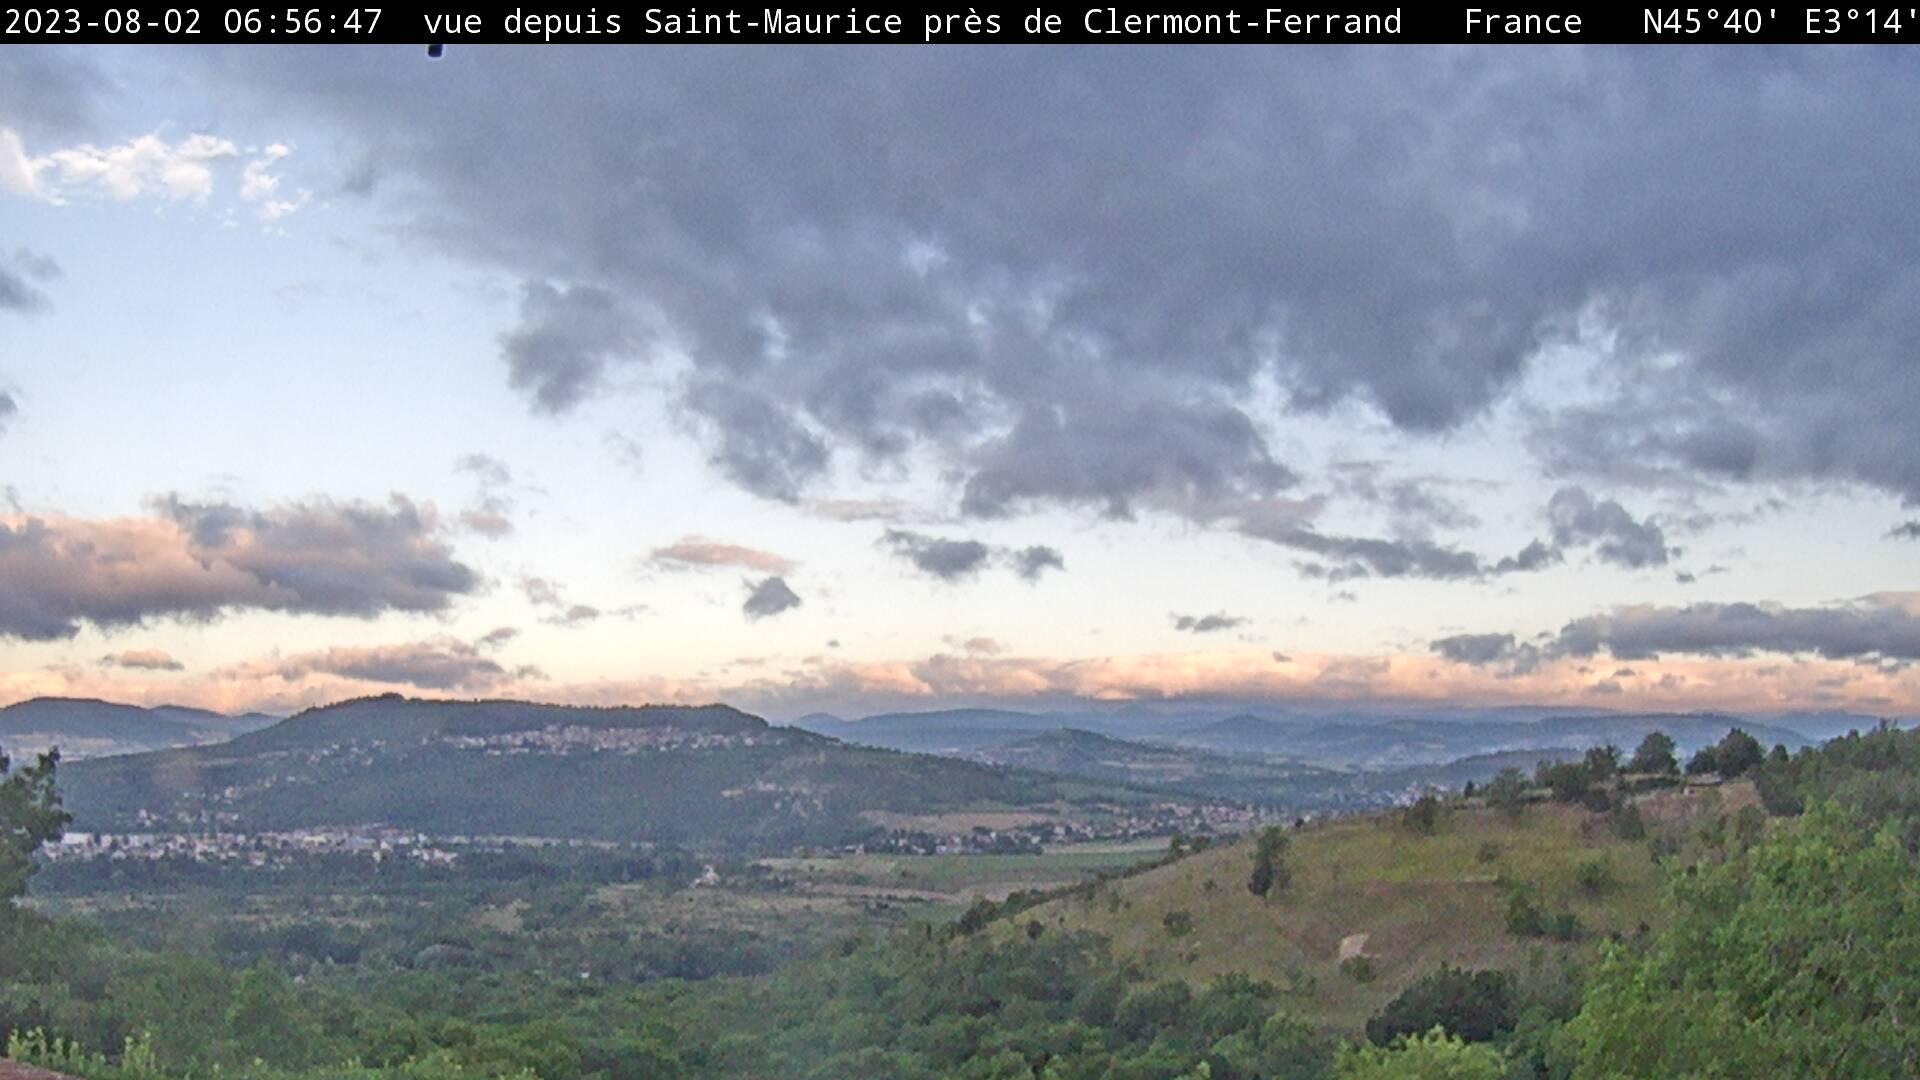 Saint-Maurice Sun. 06:57